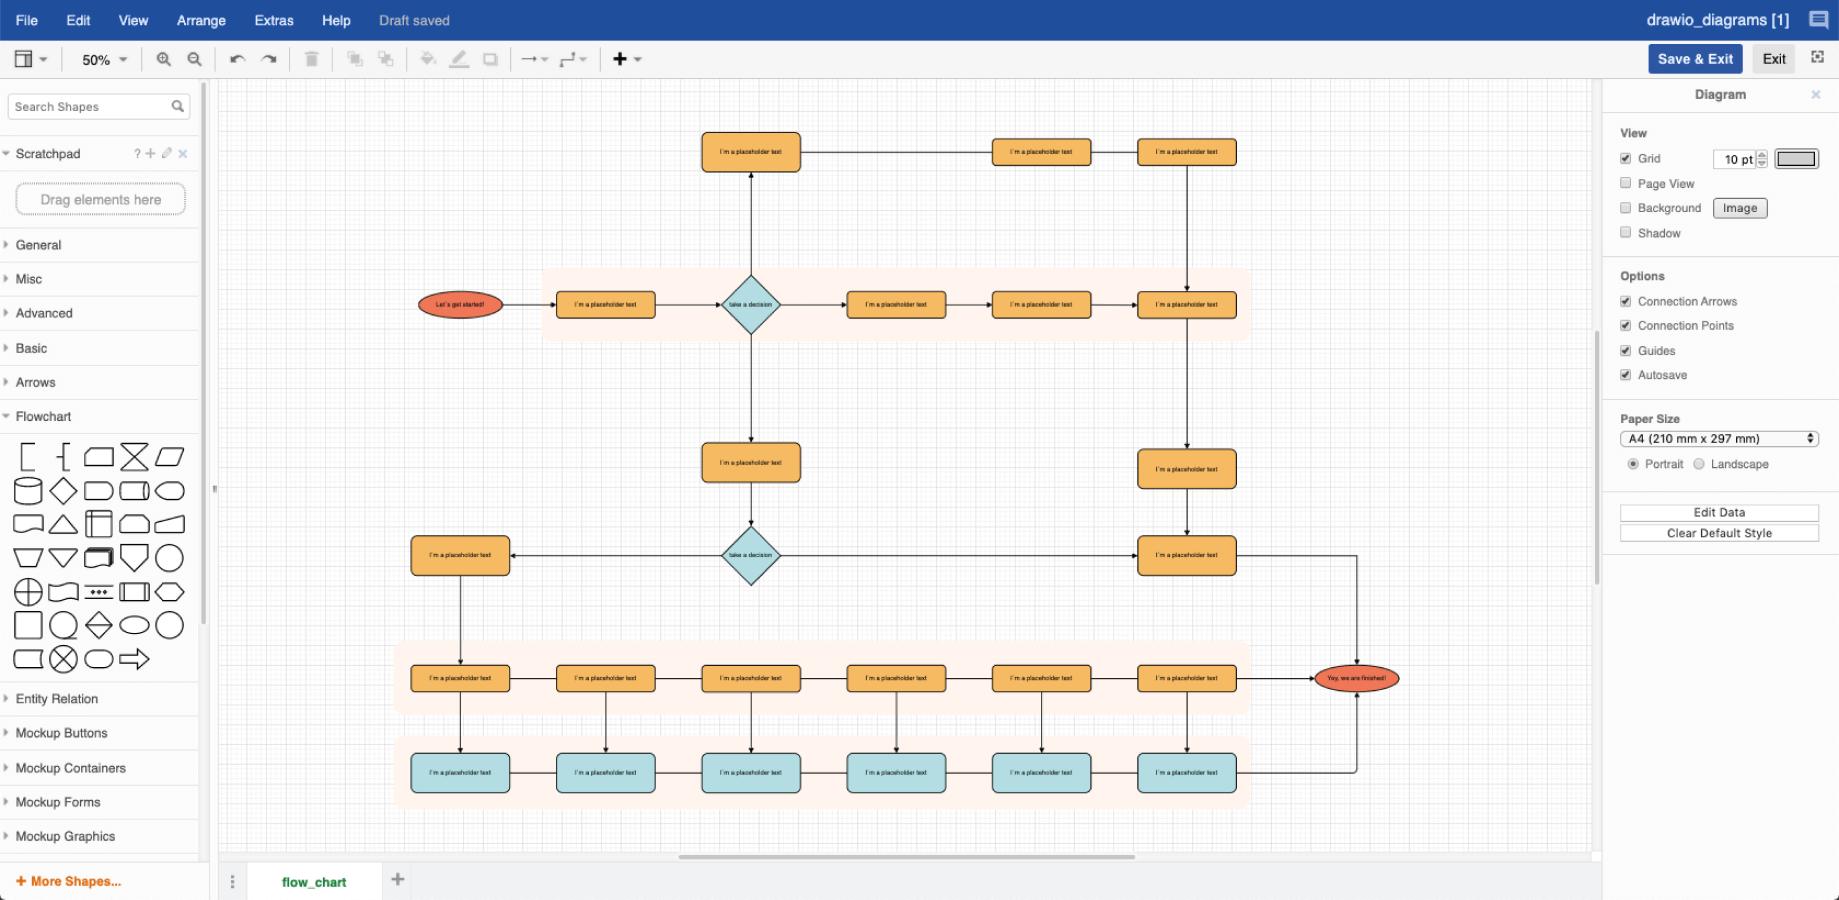 Ejemplo de diagrama de un proceso por cortesía de Draw.io